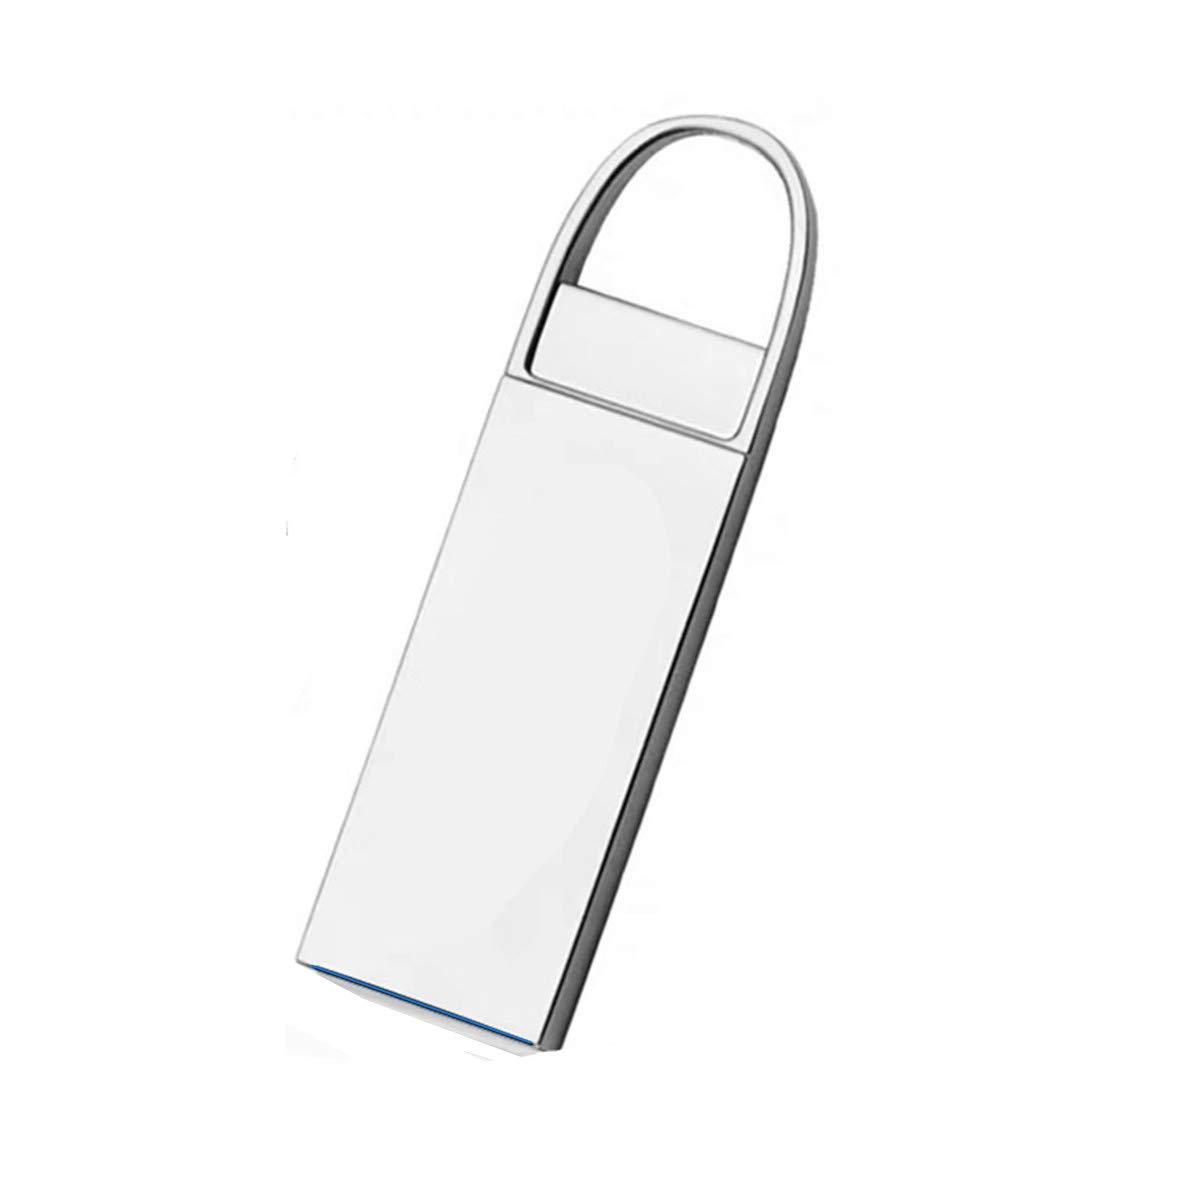 UFARID Verdadera Capacidad Unidad de Memoria USB 3.0 Tarjeta de Memoria Unidad Flash para computadoras, Smart TV, Audio para Autos, etc. (16GB): Amazon.es: Electrónica